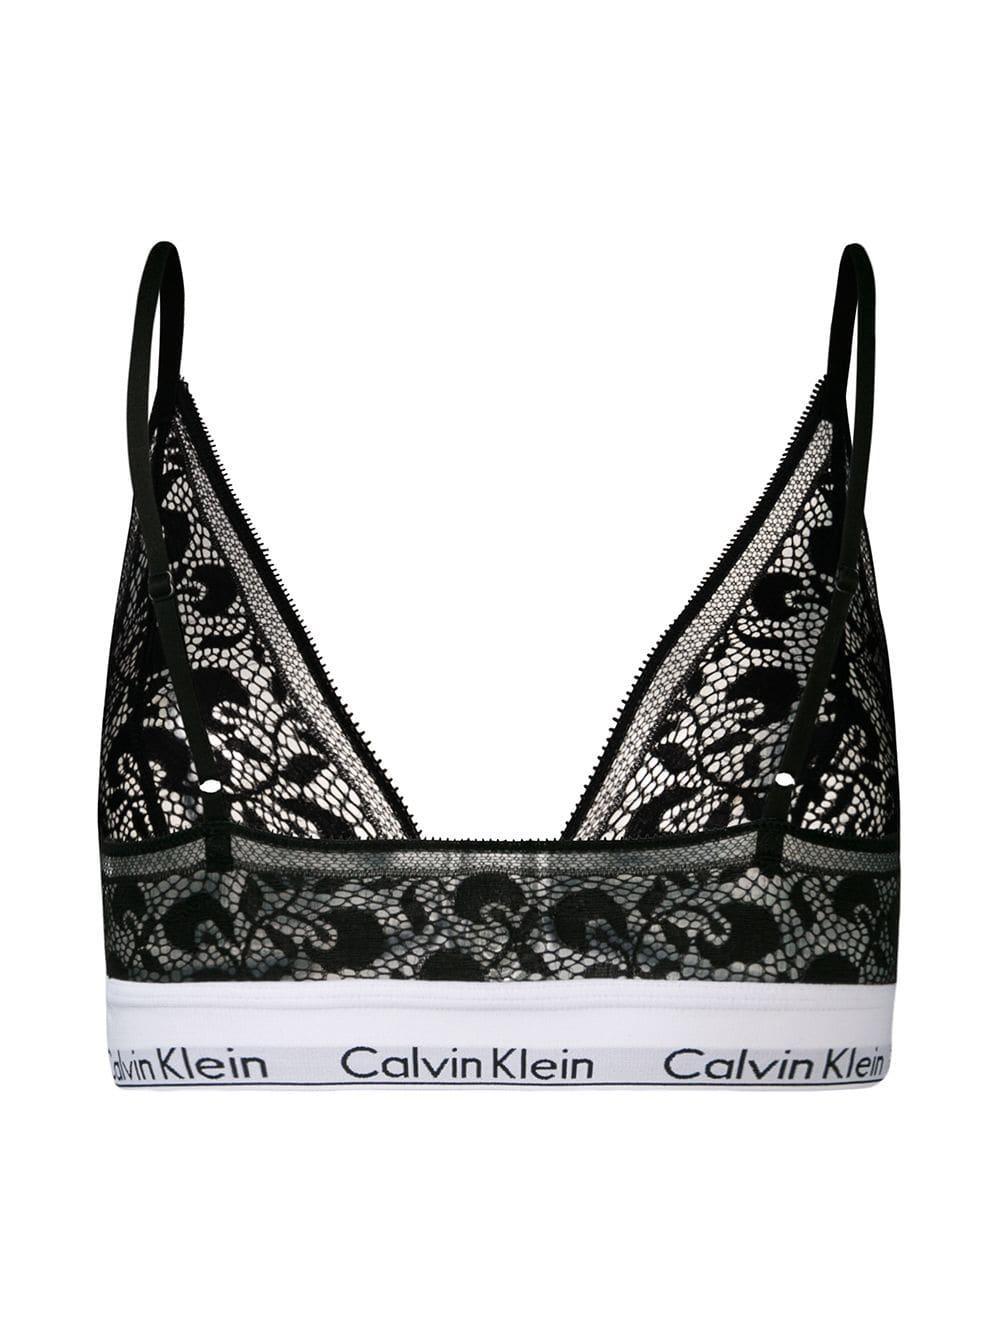 bd1e292e49e0d Lyst - Calvin Klein Lace Triangle Bra in Black